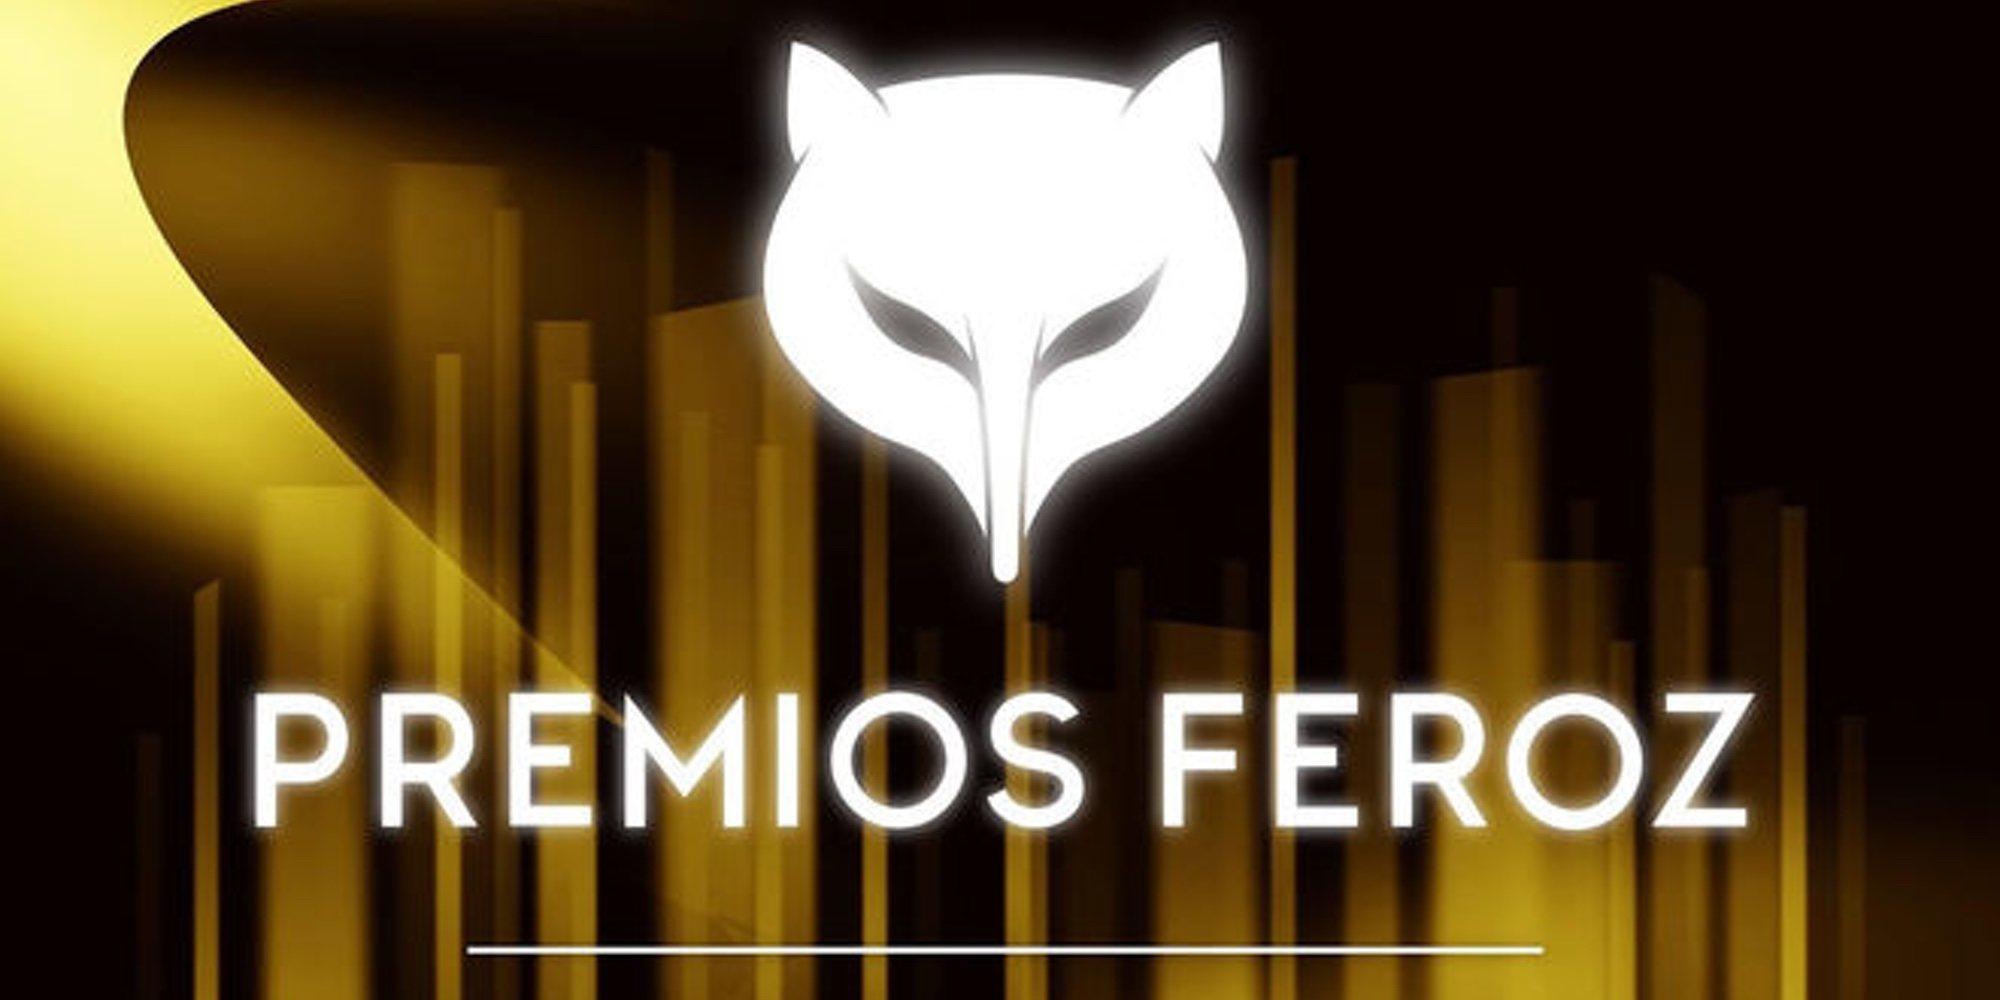 Lista de nominados de los Premios Feroz 2020